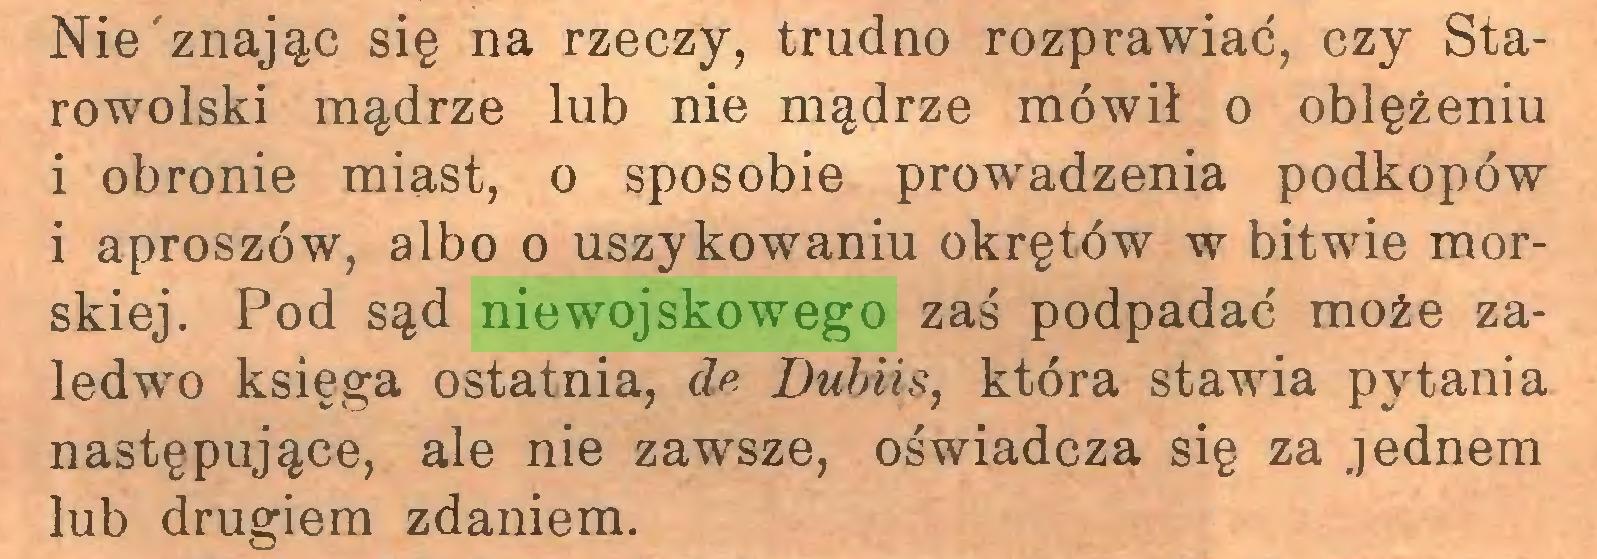 (...) Nie znając się na rzeczy, trudno rozprawiać, czy Starowolski mądrze lub nie mądrze mówił o oblężeniu i obronie miast, o sposobie prowadzenia podkopów i aproszów, albo o uszykowaniu okrętów w bitwie morskiej. Pod sąd niewojskowego zaś podpadać może zaledwo księga ostatnia, d<>- Dubiis, która stawia pytania następujące, ale nie zawsze, oświadcza się za jednem lub drugiem zdaniem...